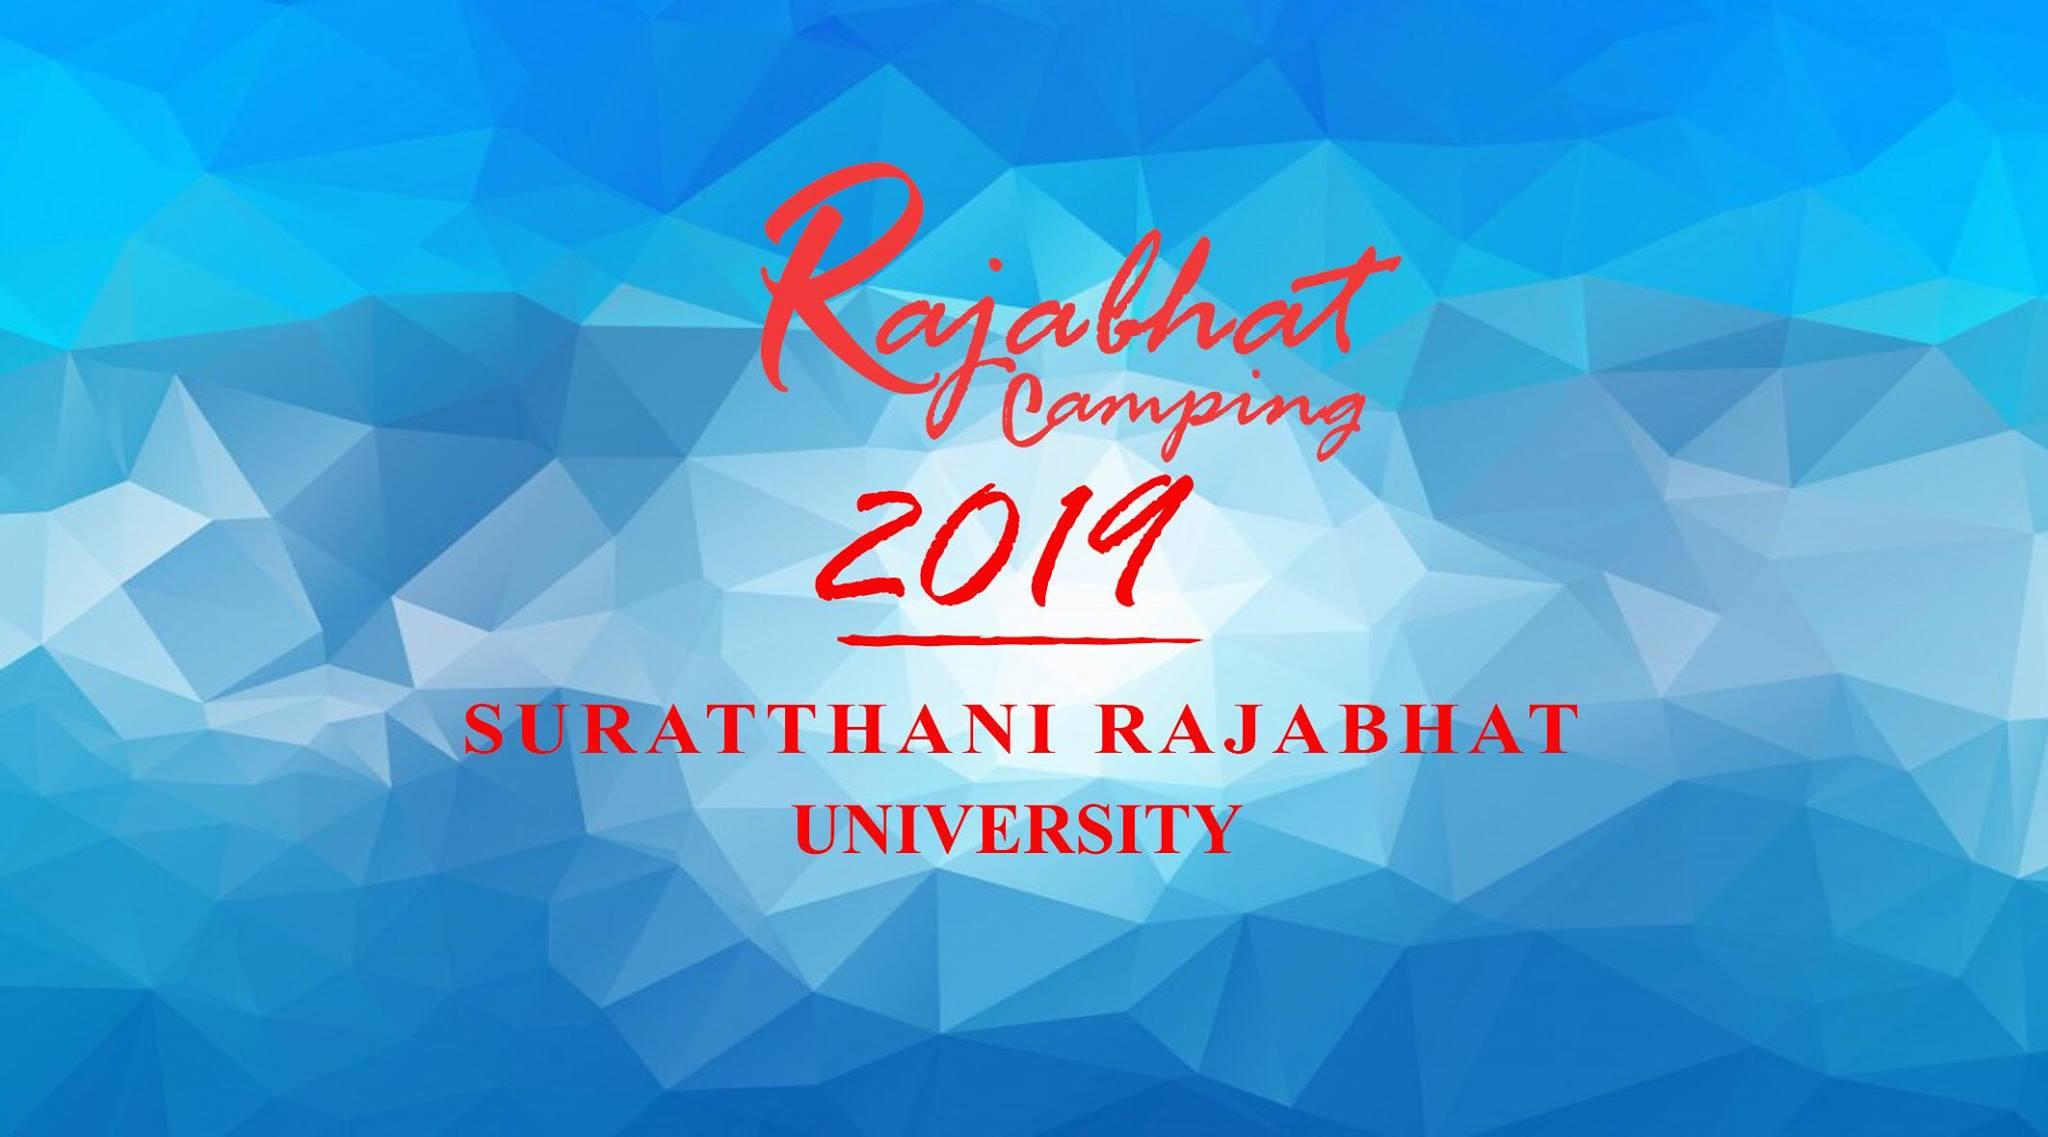 Rajabhat Camping 2019